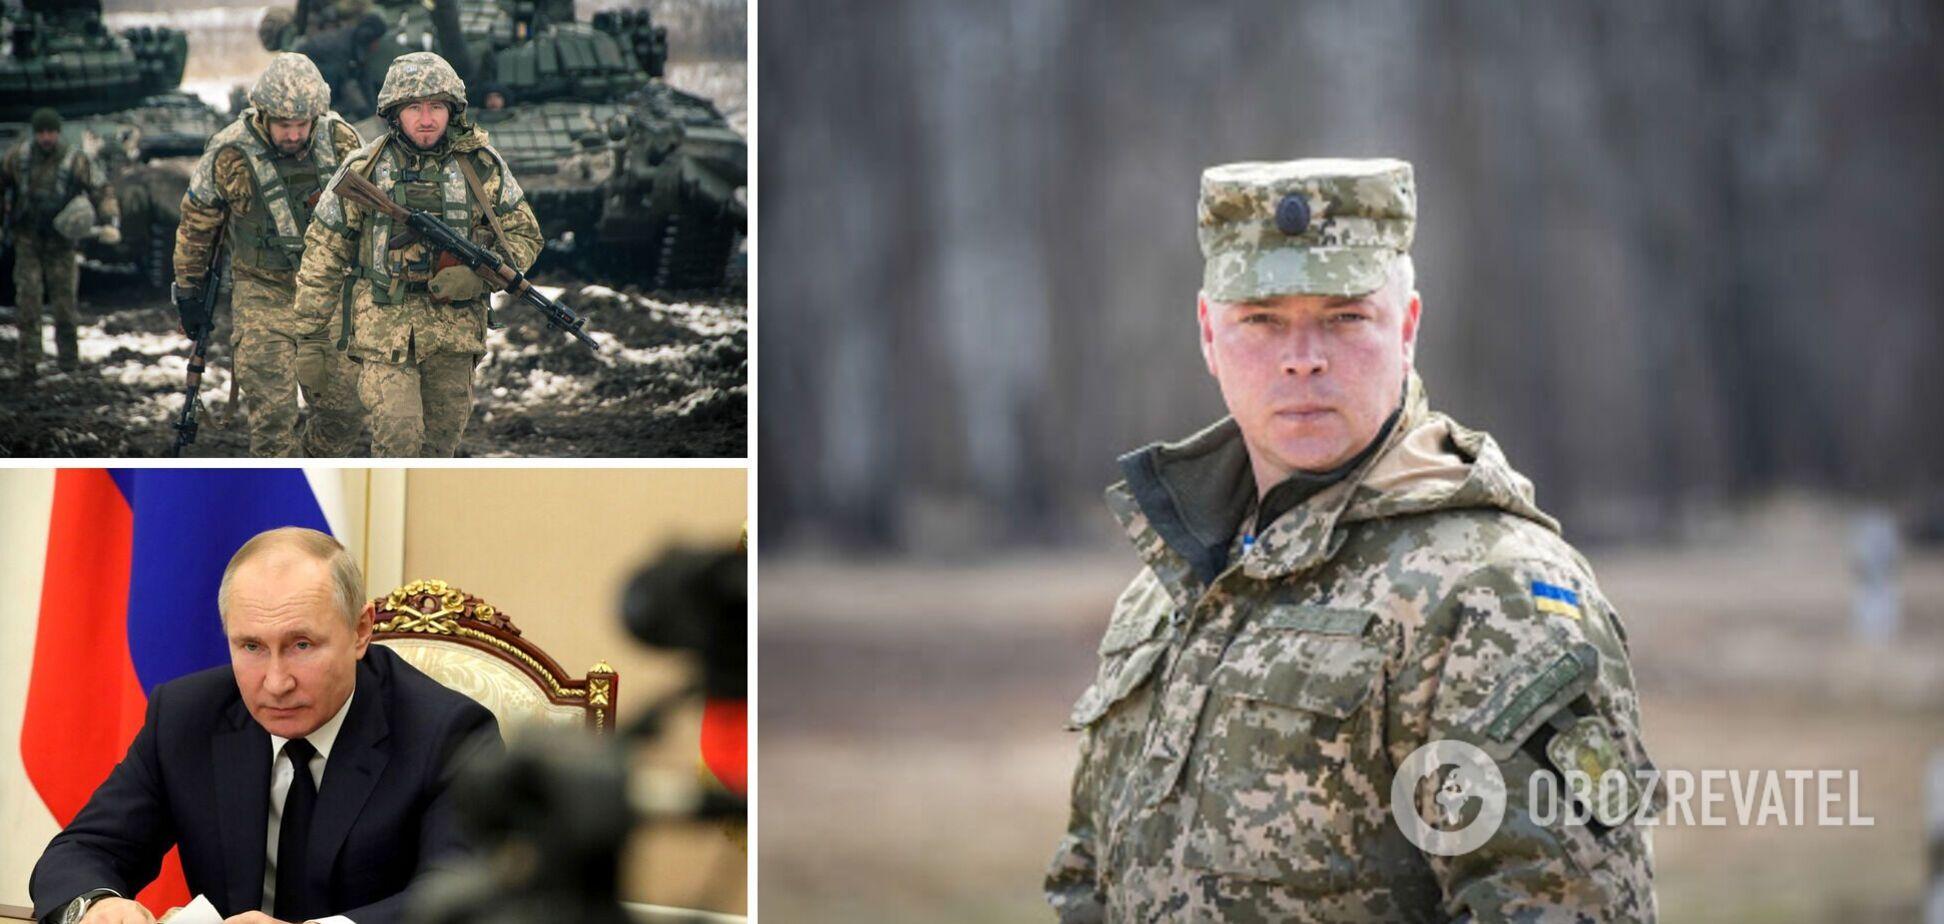 Генерал Забродський гадає, що Кремль ніколи не відмовиться від України, бо вважає її своєю